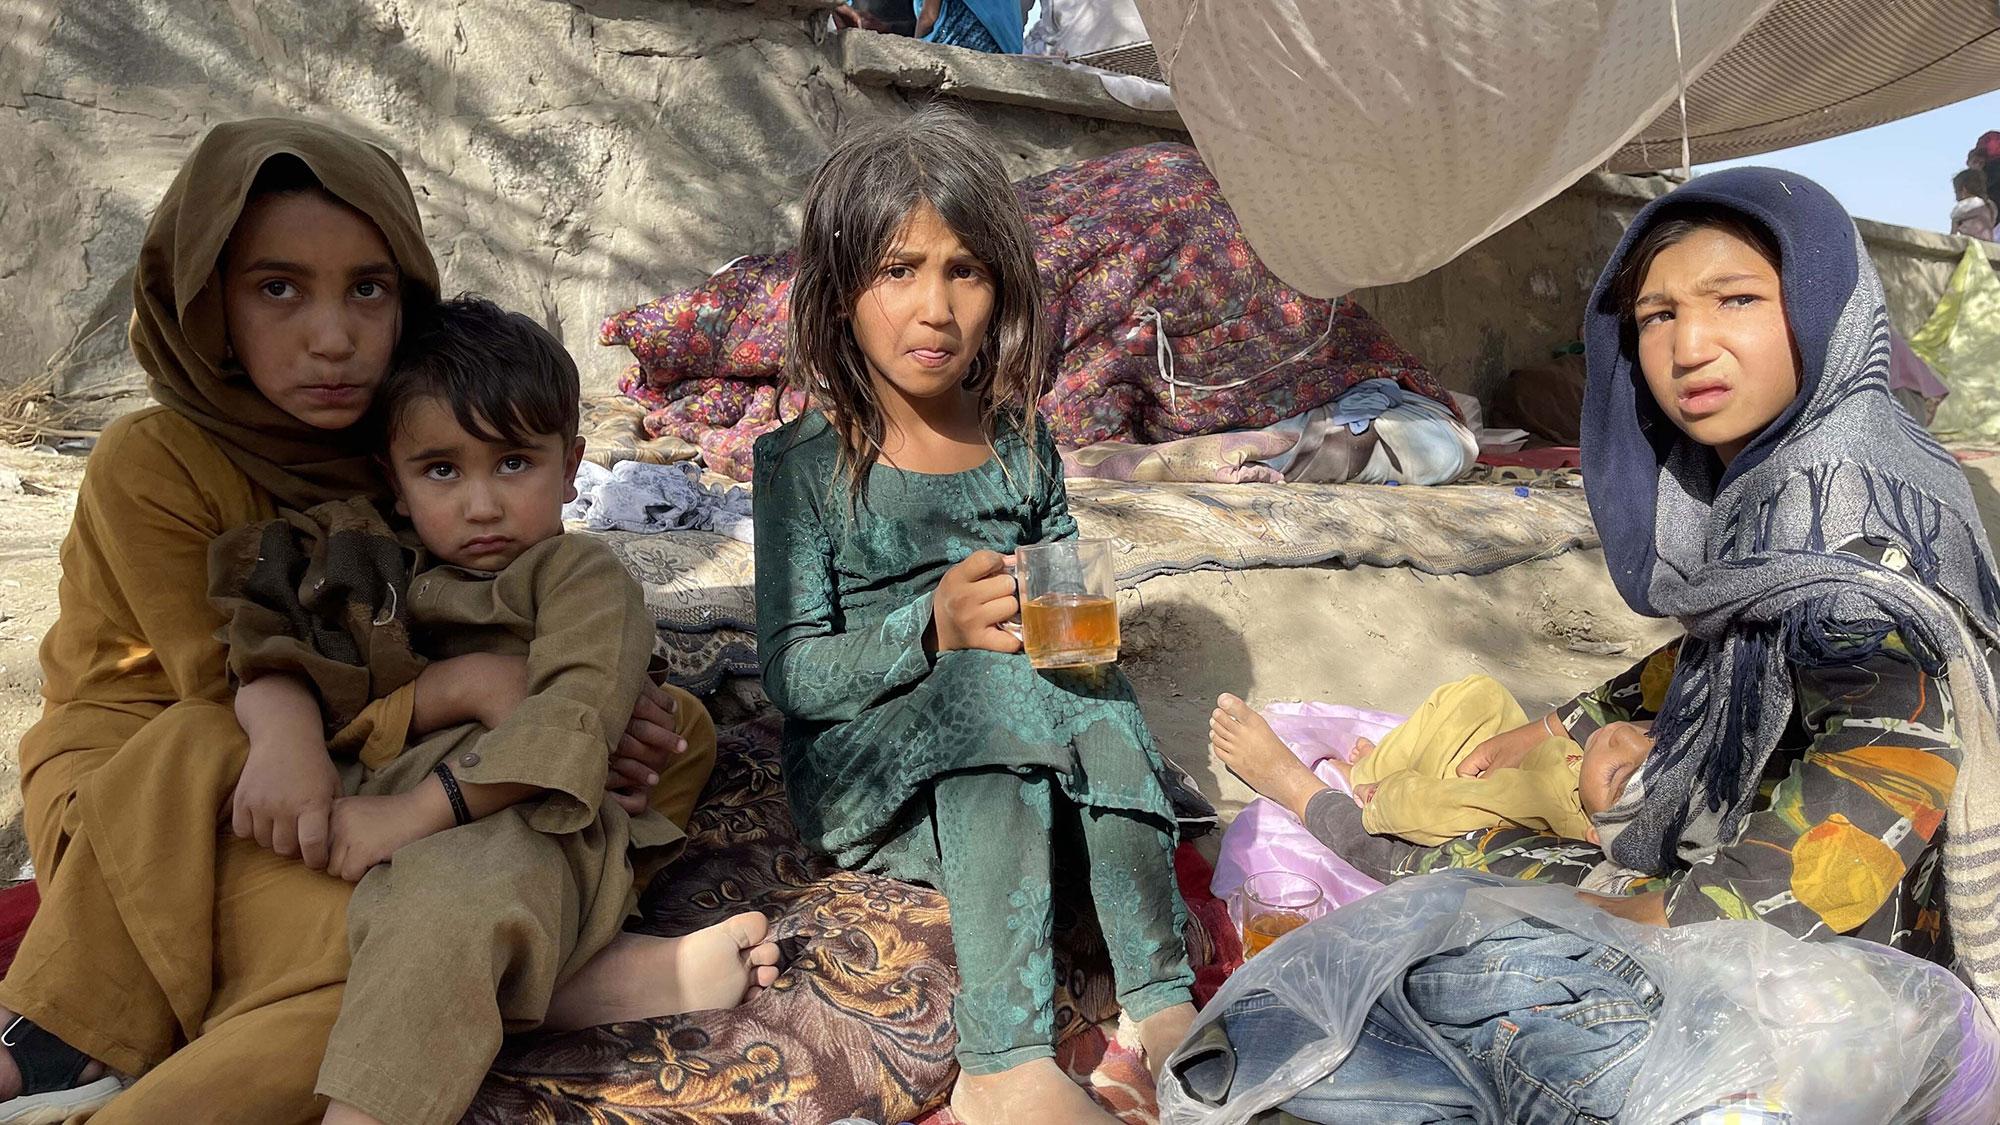 Des enfants afghans sont assis dehors.